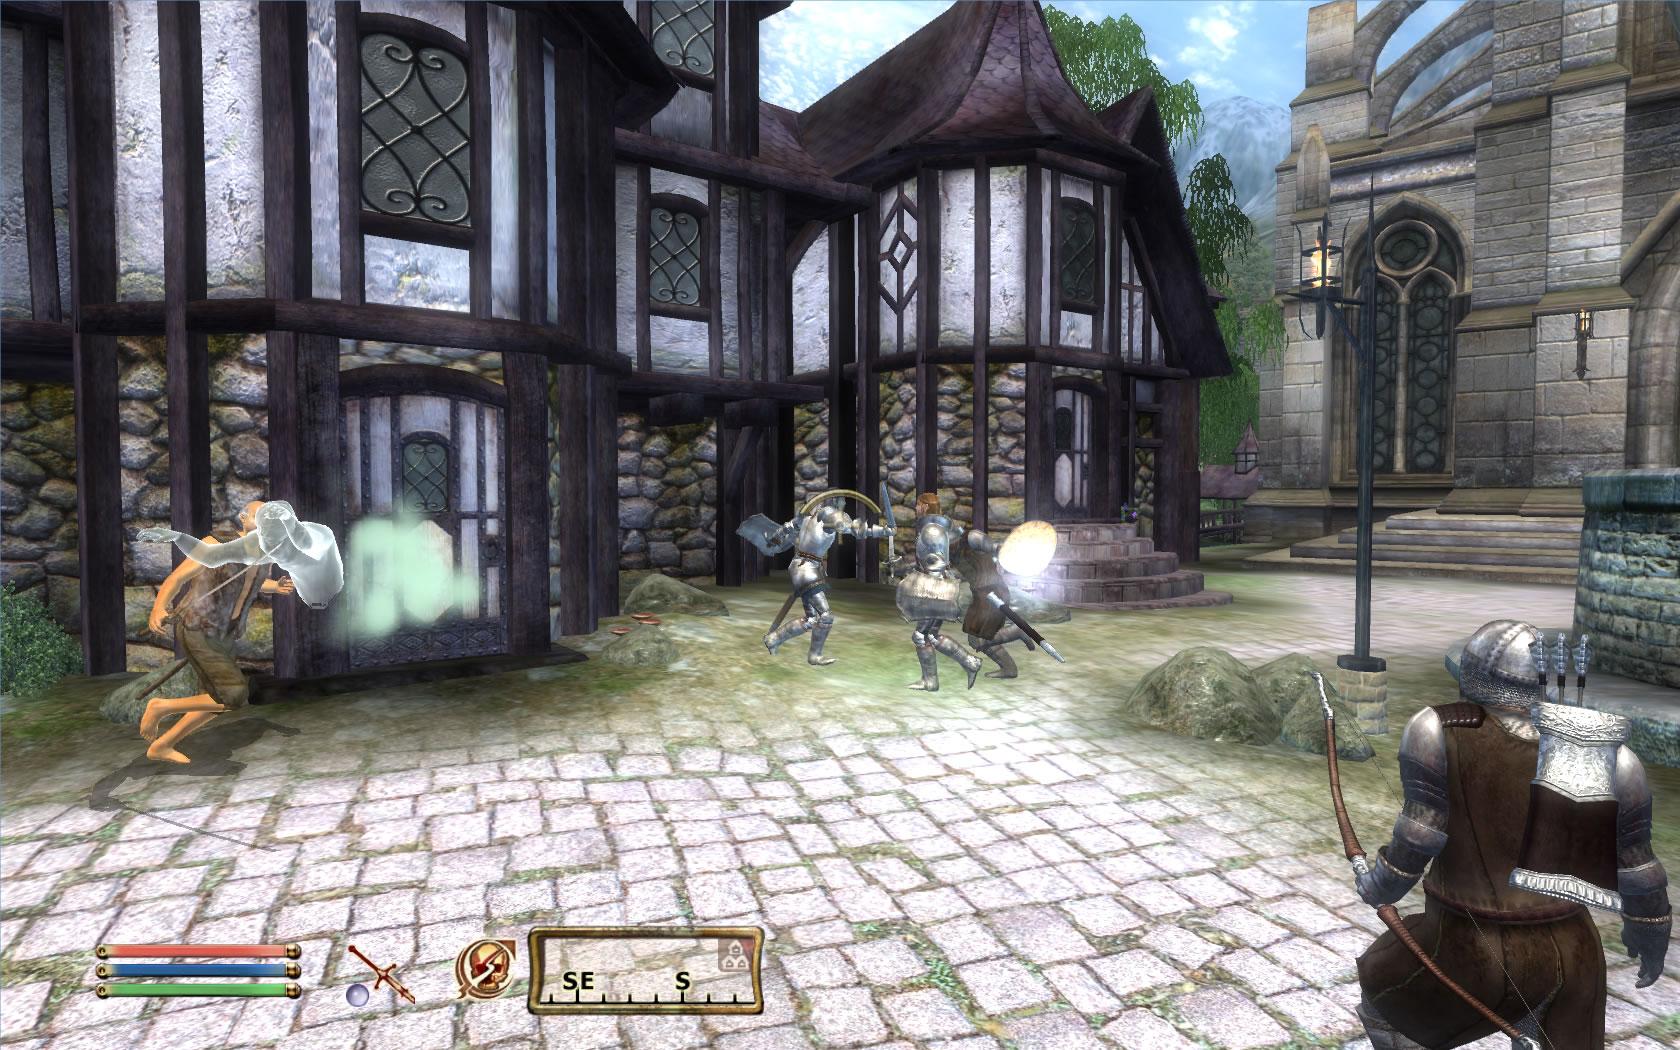 indovina il gioco... - Pagina 2 Oblivion-xbox360